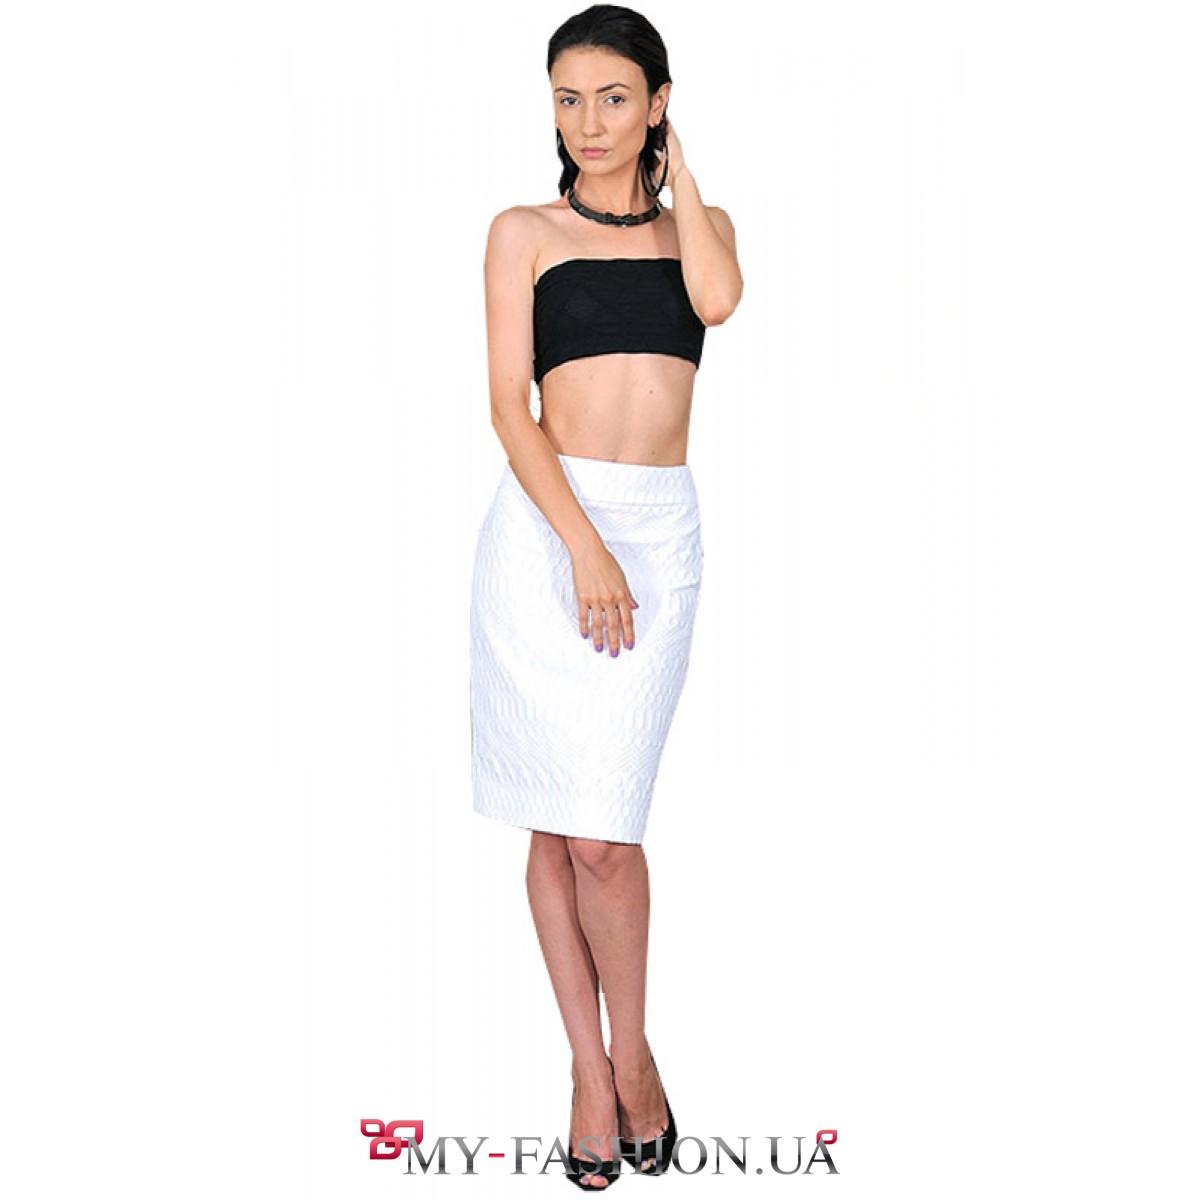 Женские белые костюмы купить доставка